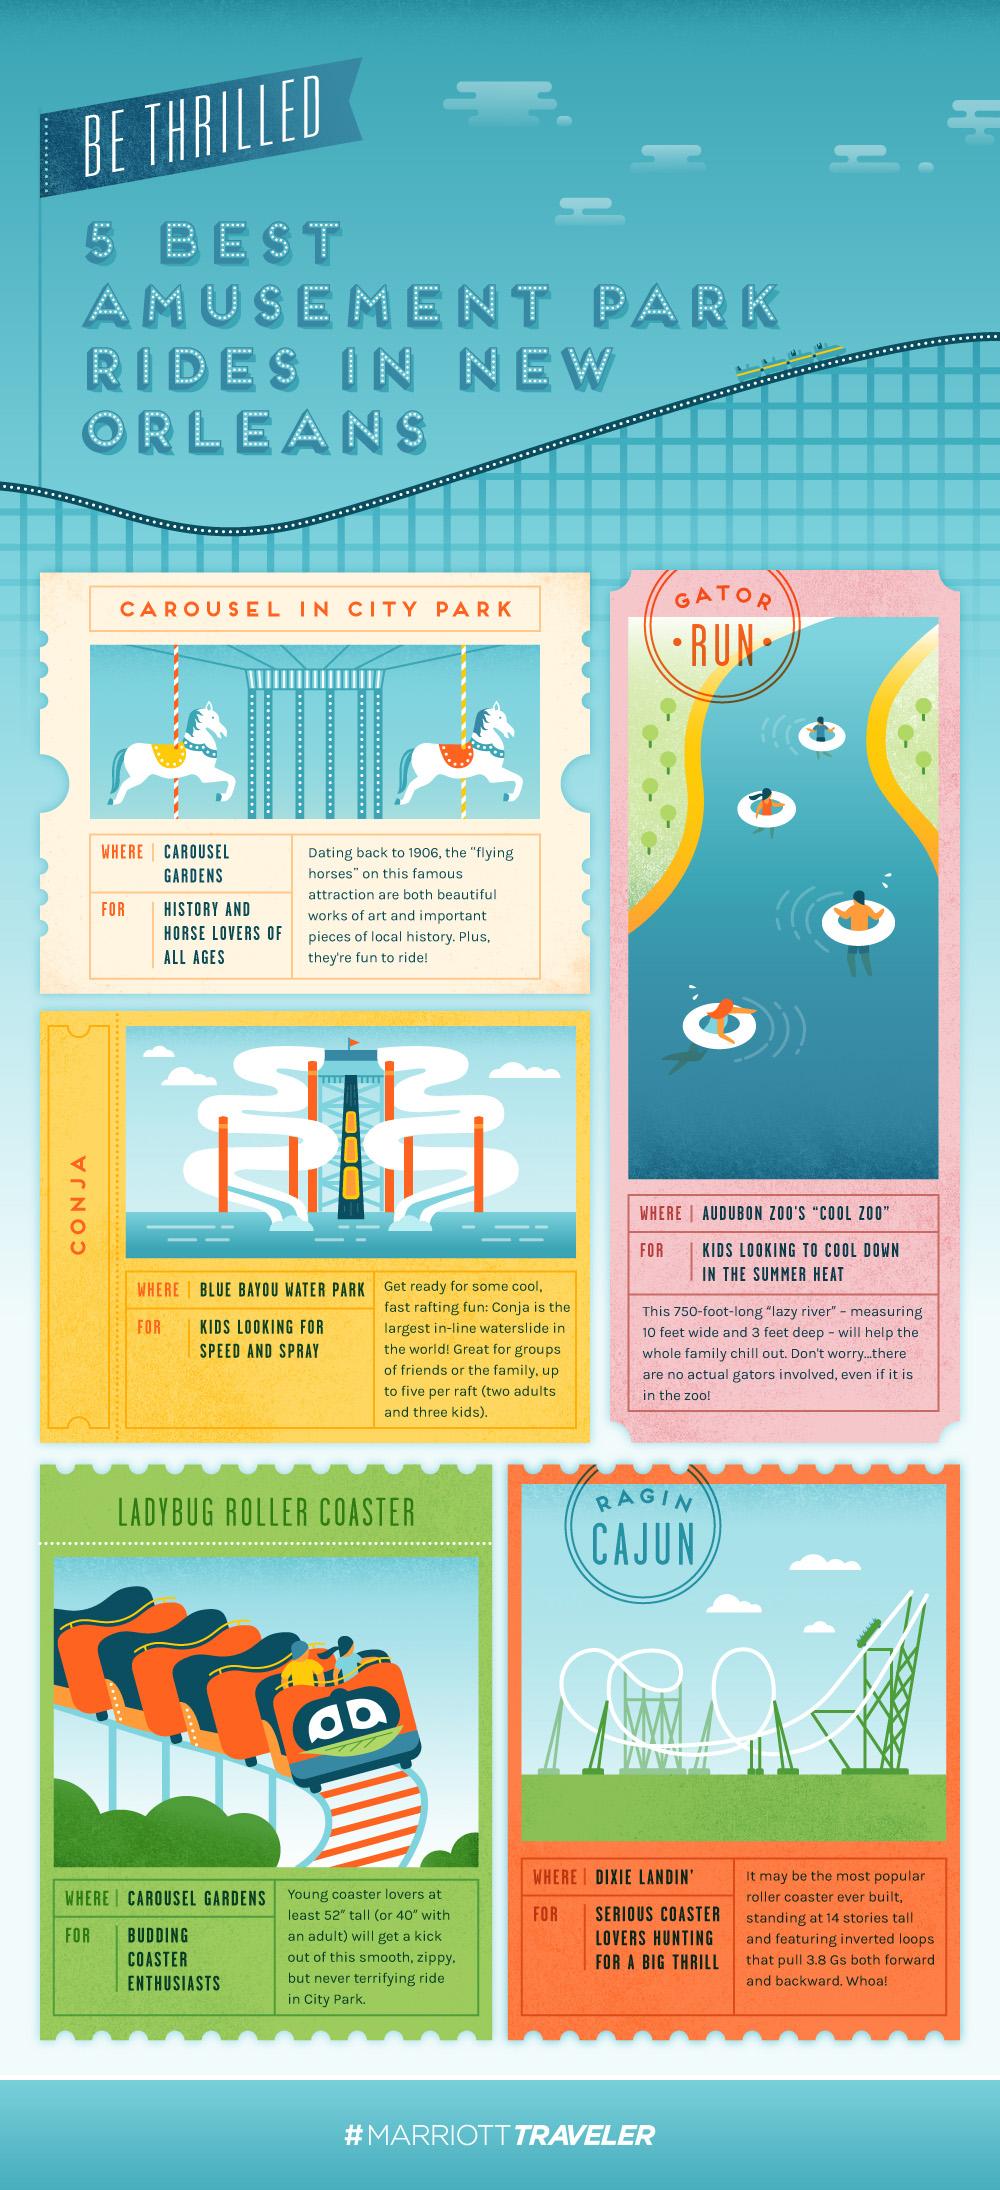 orlando-best-amusement-park-rides-infographic-.jpg